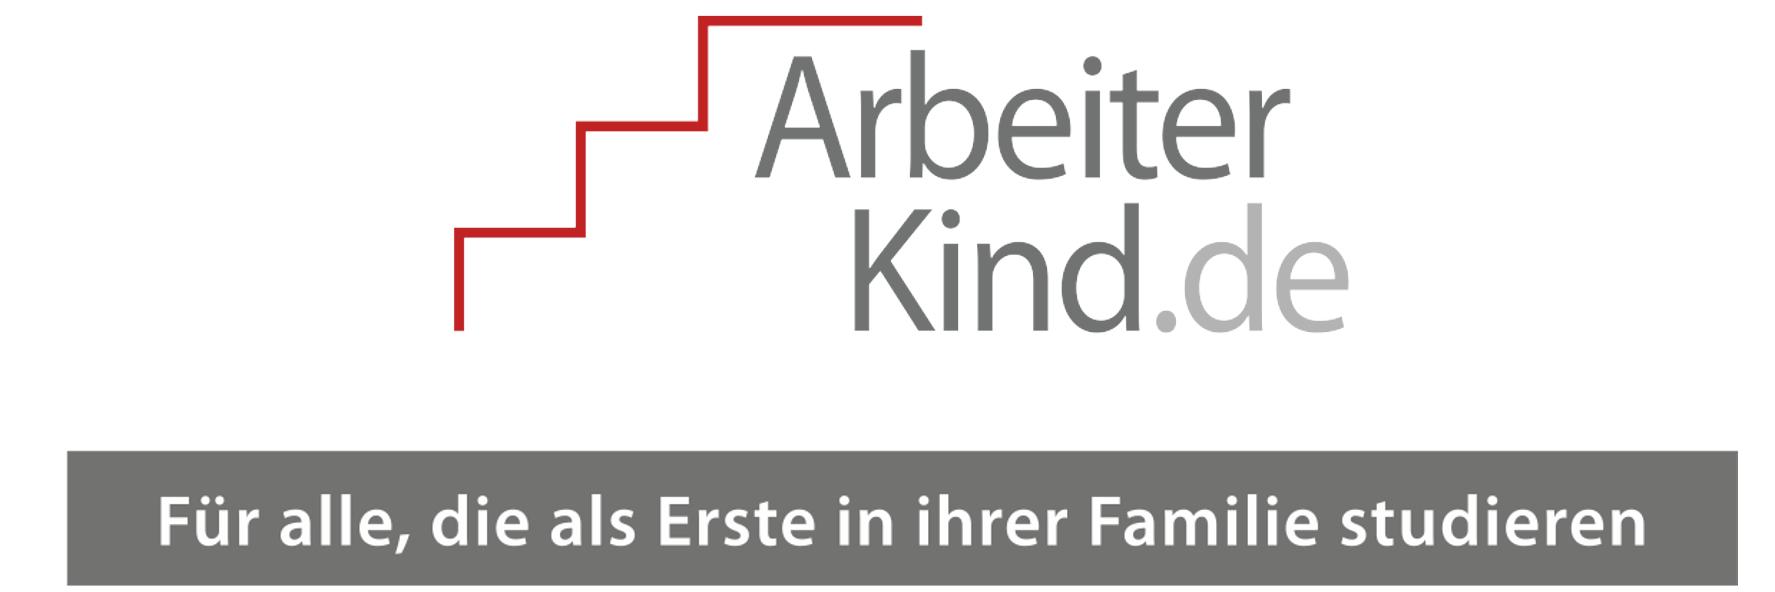 ArbeiterKind.de